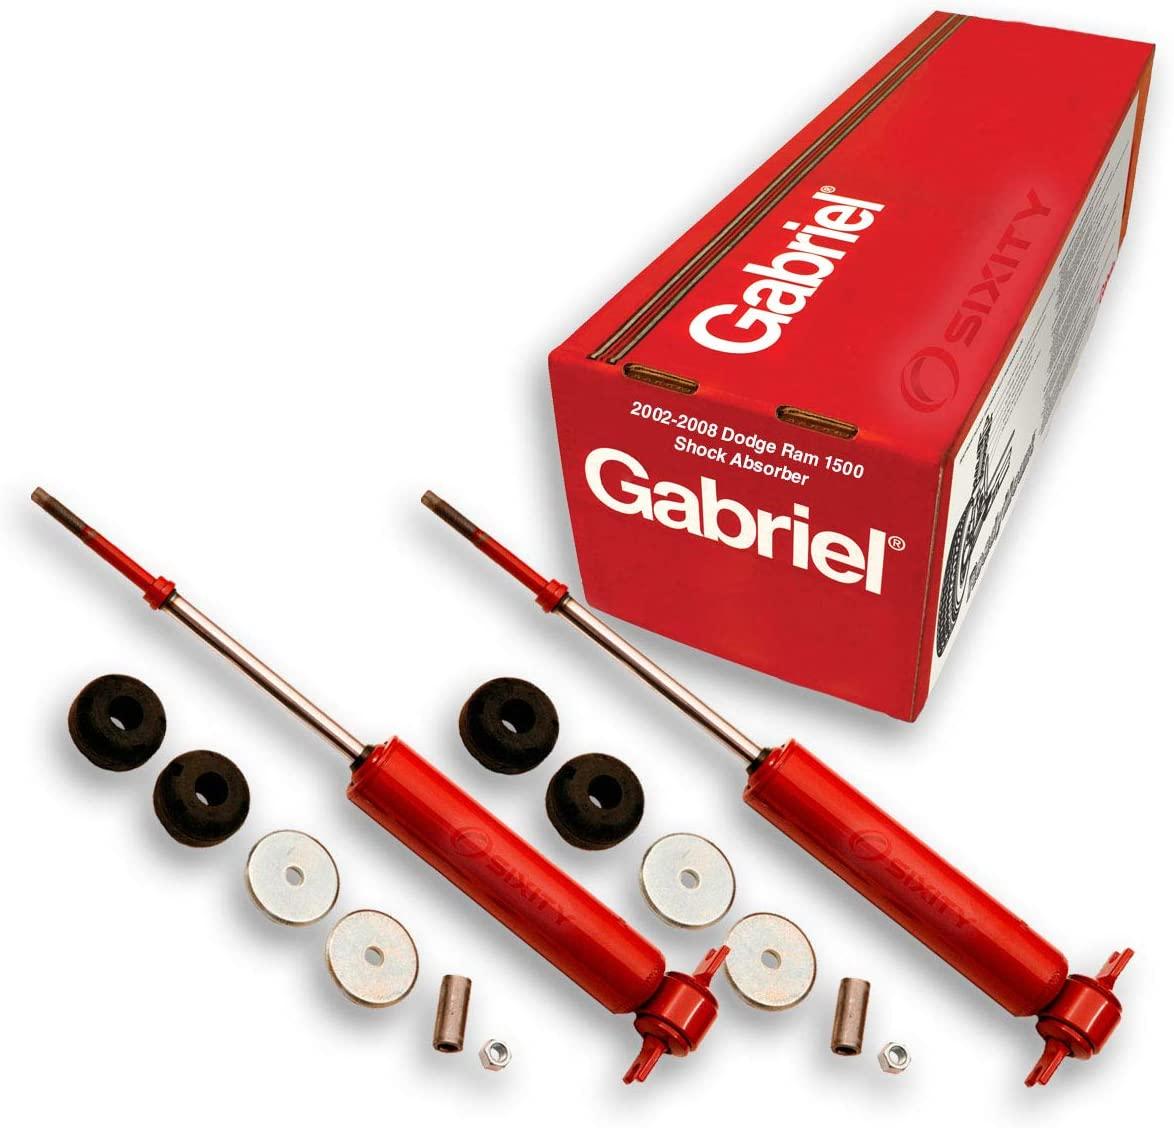 2 pc Gabriel Front Gas Charged Shock Absorber for 2002-2008 Dodge Ram 1500 5.7L 4.7L V8 3.7L V6 8.3L V10 - Guardian Nitrogen Shocks Suspension Car Shot